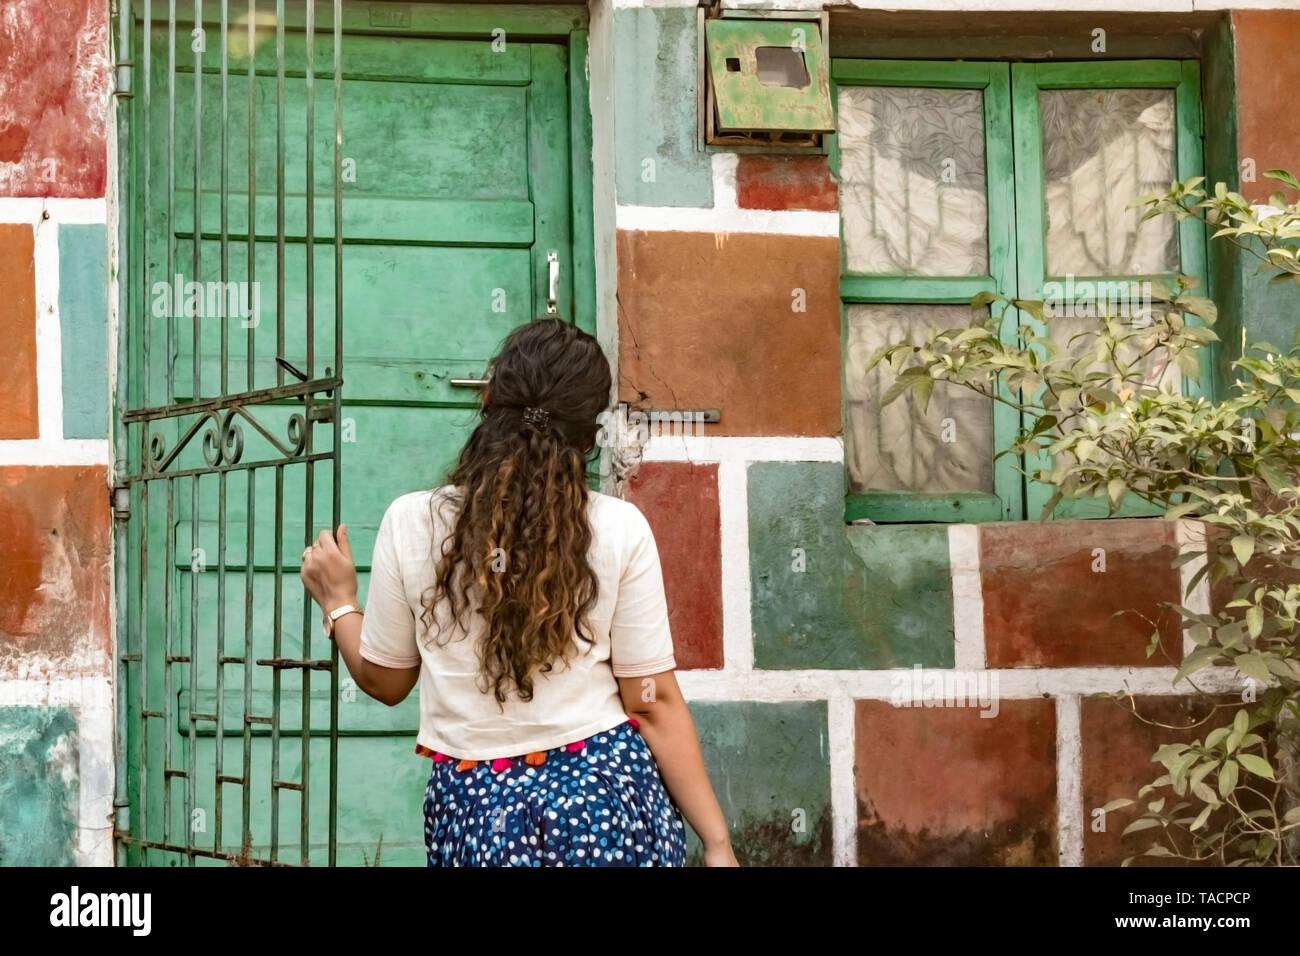 Vista posteriore di una ragazza con i capelli ricci, aprendo la porta di colorati dipinti casa indossando etnici Indiani, indossare un prodotto bianco superiore e blu salwaar patiala Immagini Stock